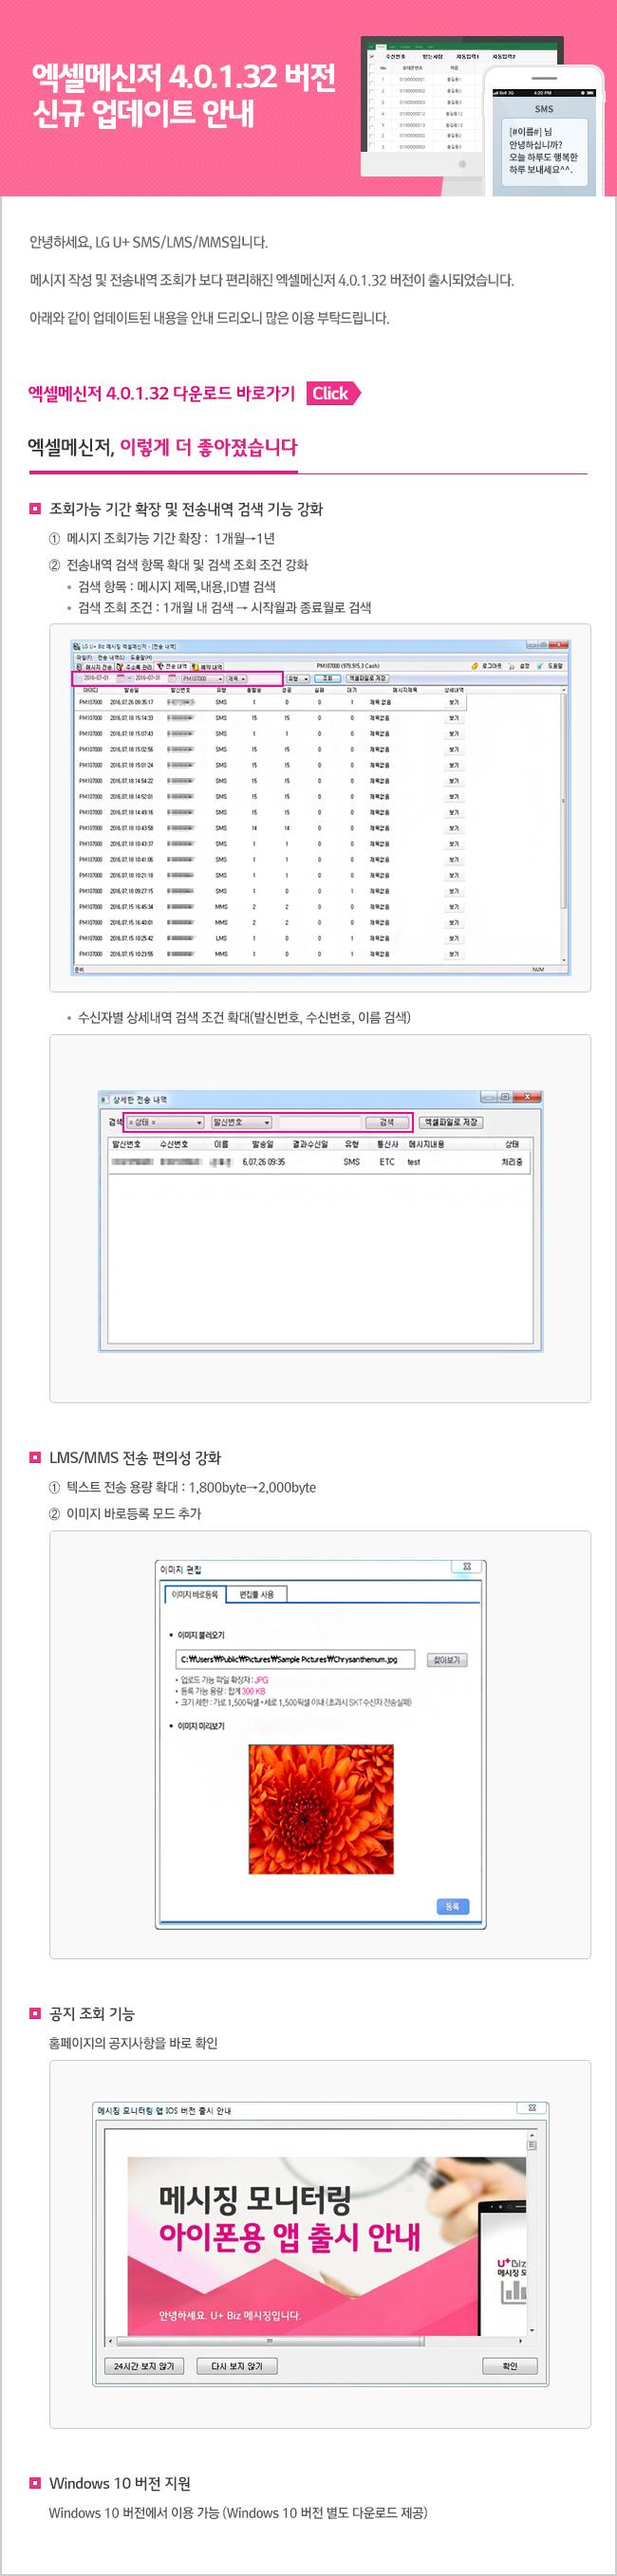 엑셀메신저 4.0.1.32 버전 신규 업데이트 안내